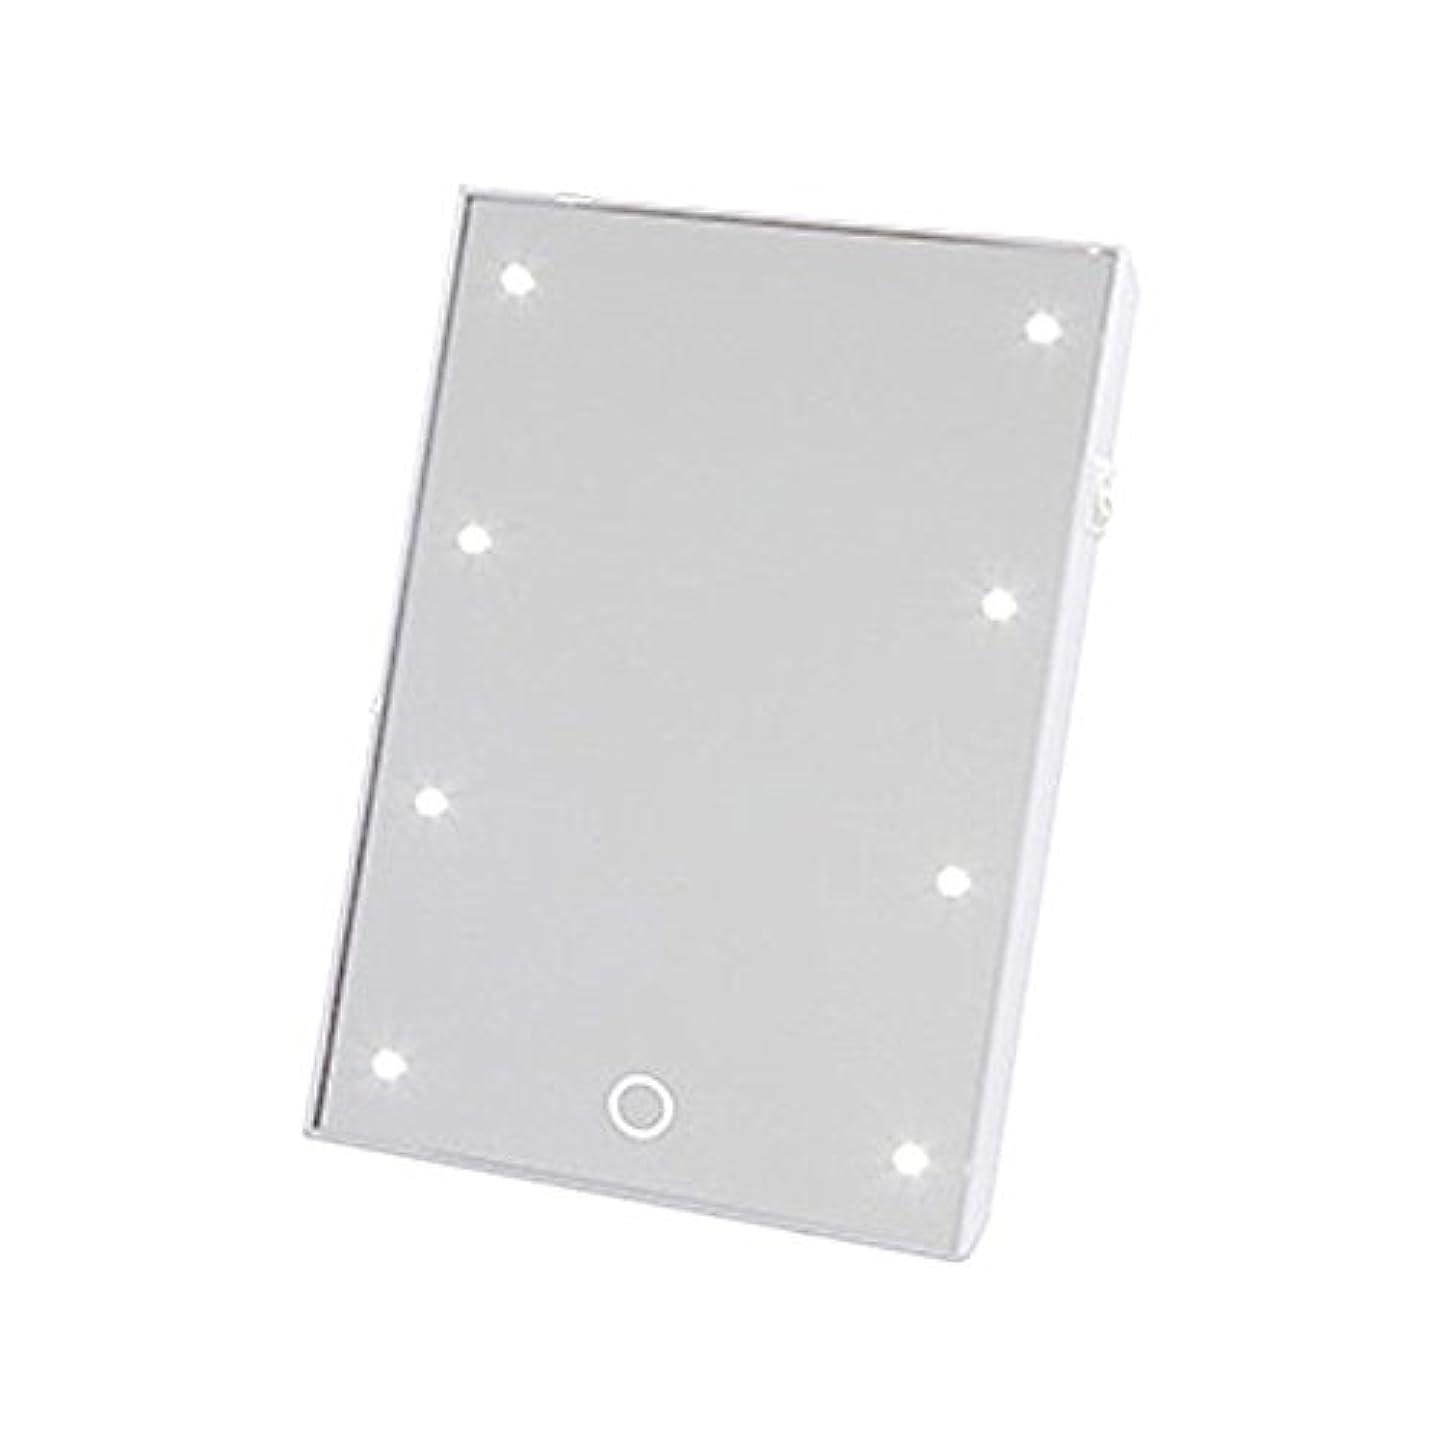 ラウンジ矢印別のヤマムラ ブライトニングミラー タッチS (LED付きスタンドミラー) YLD-06 ホワイト